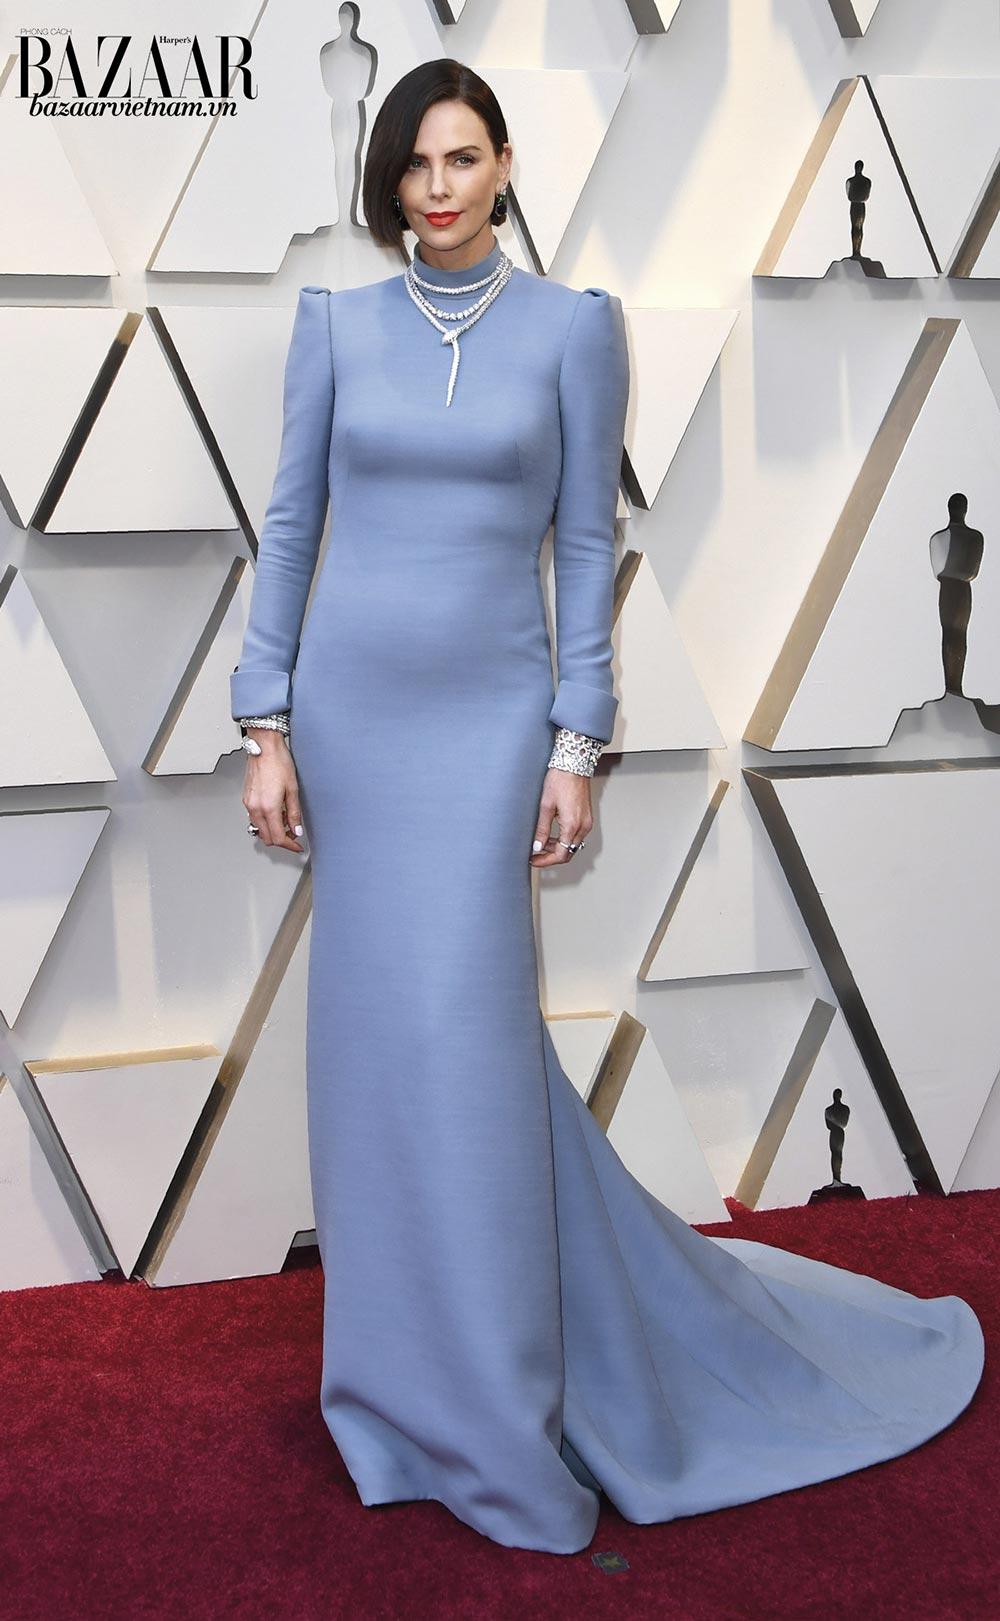 Nữ minh tinh Charlize Theron đẹp sắc sảo tại thảm đỏ Oscar 2019. Cô chọn đầm Haute Couture màu pastel của Dior phối cùng trang sức Bvlgari. Sự đơn giản của chiếc đầm làm tôn lên thiết kế xa hoa của trang sức.